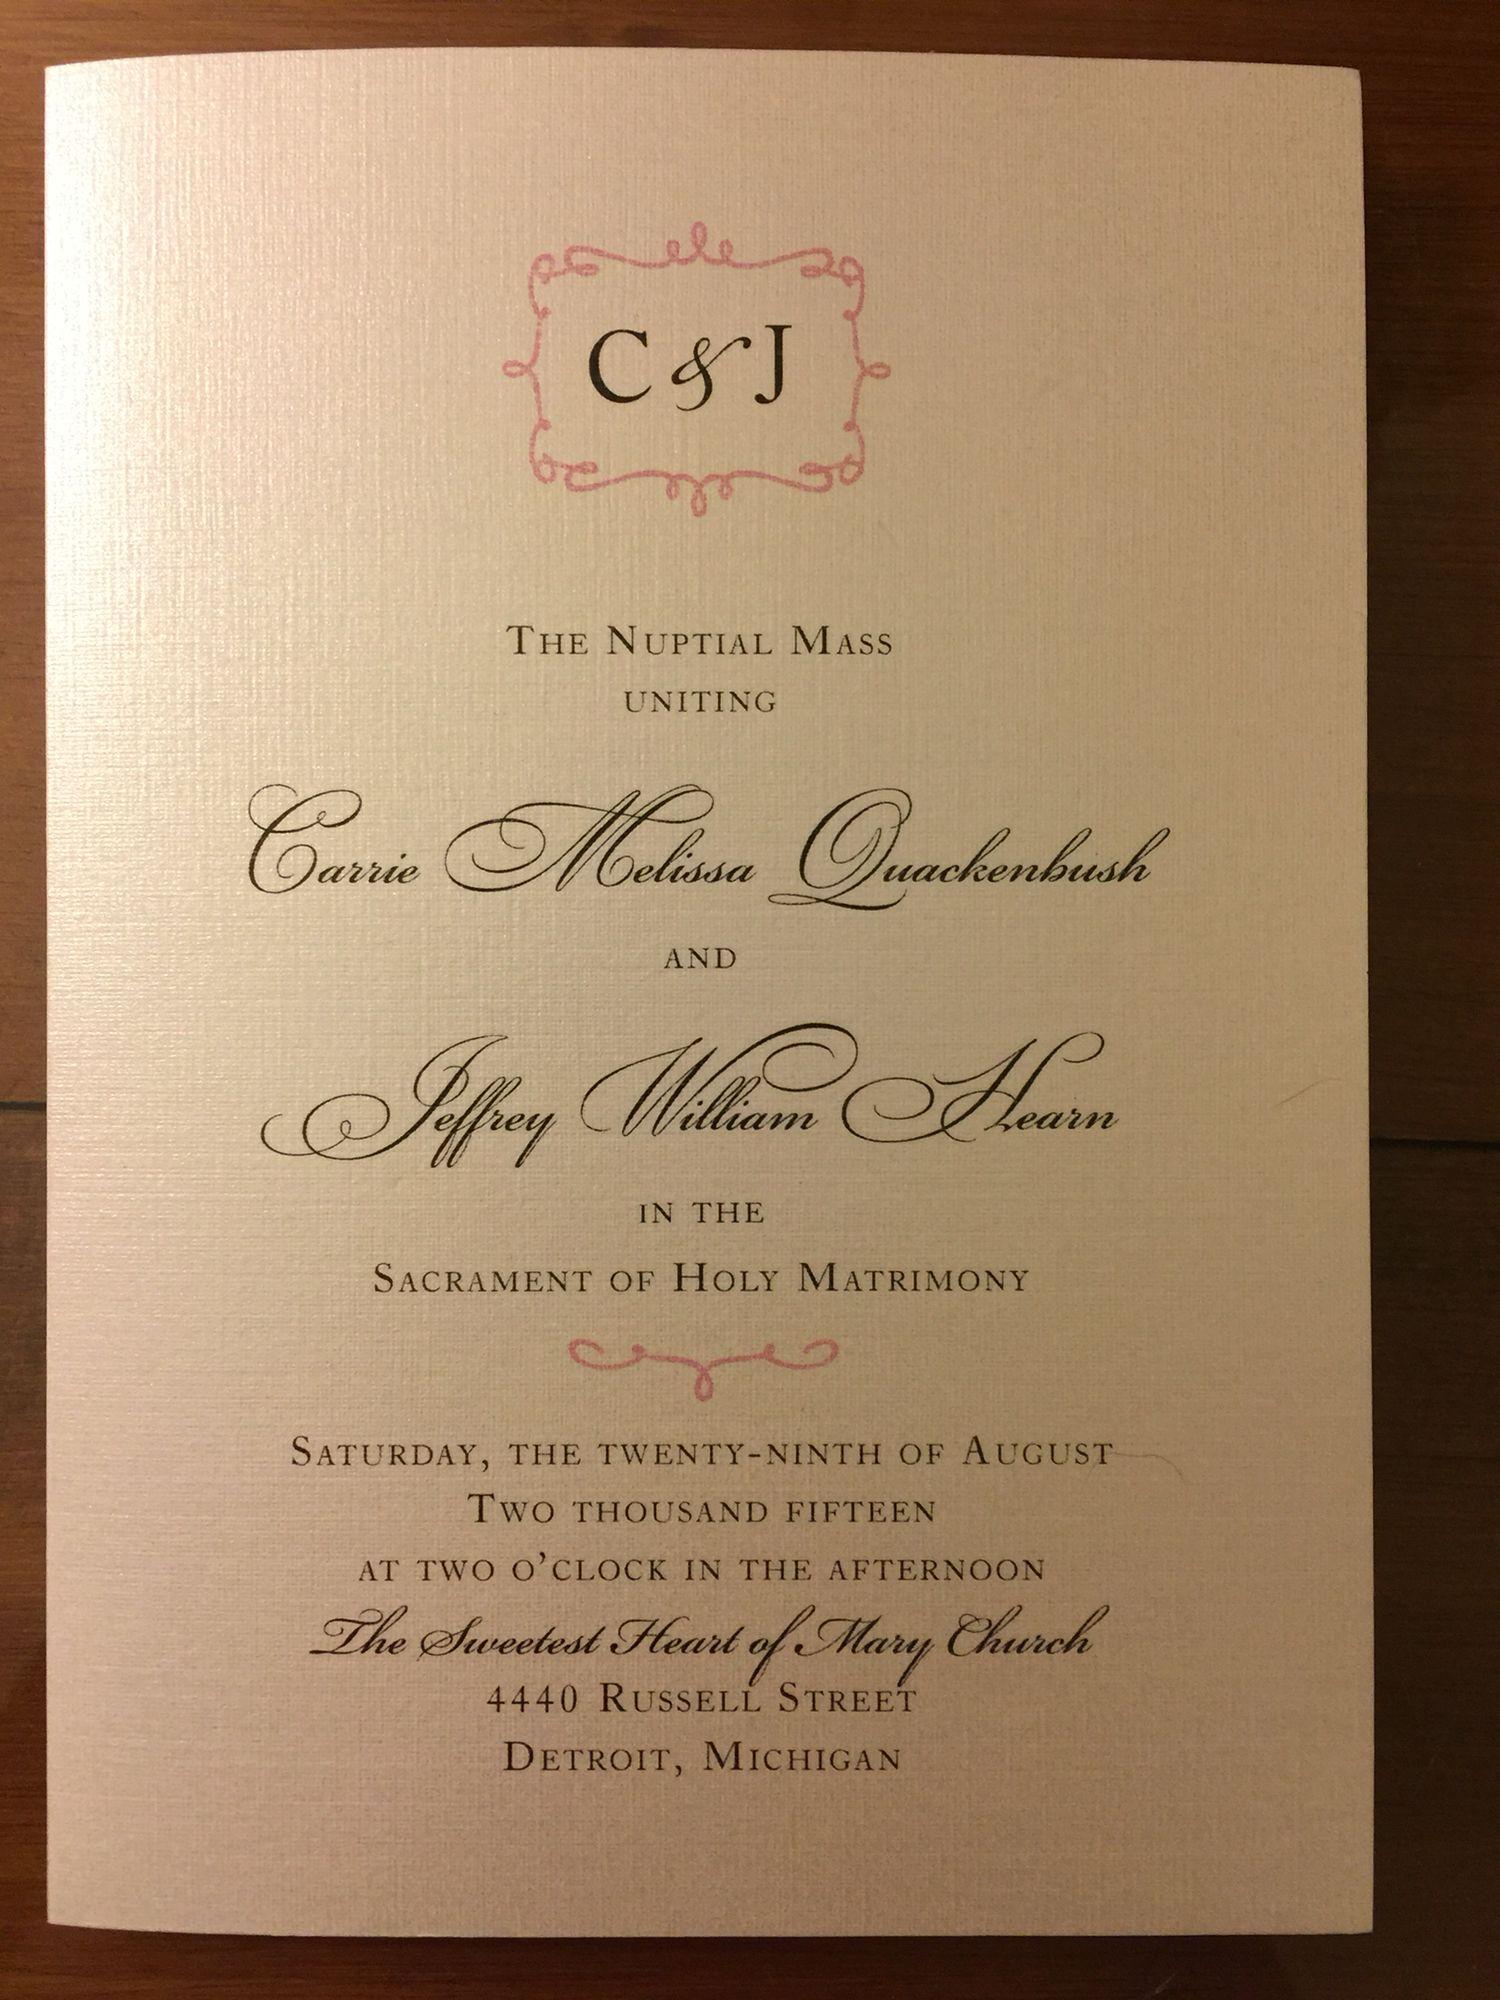 Catholic Wedding Program Cover Nuptial Mass Detroit Sweetest Heart Of Mary: Catholic Wedding Invitation Cards At Reisefeber.org